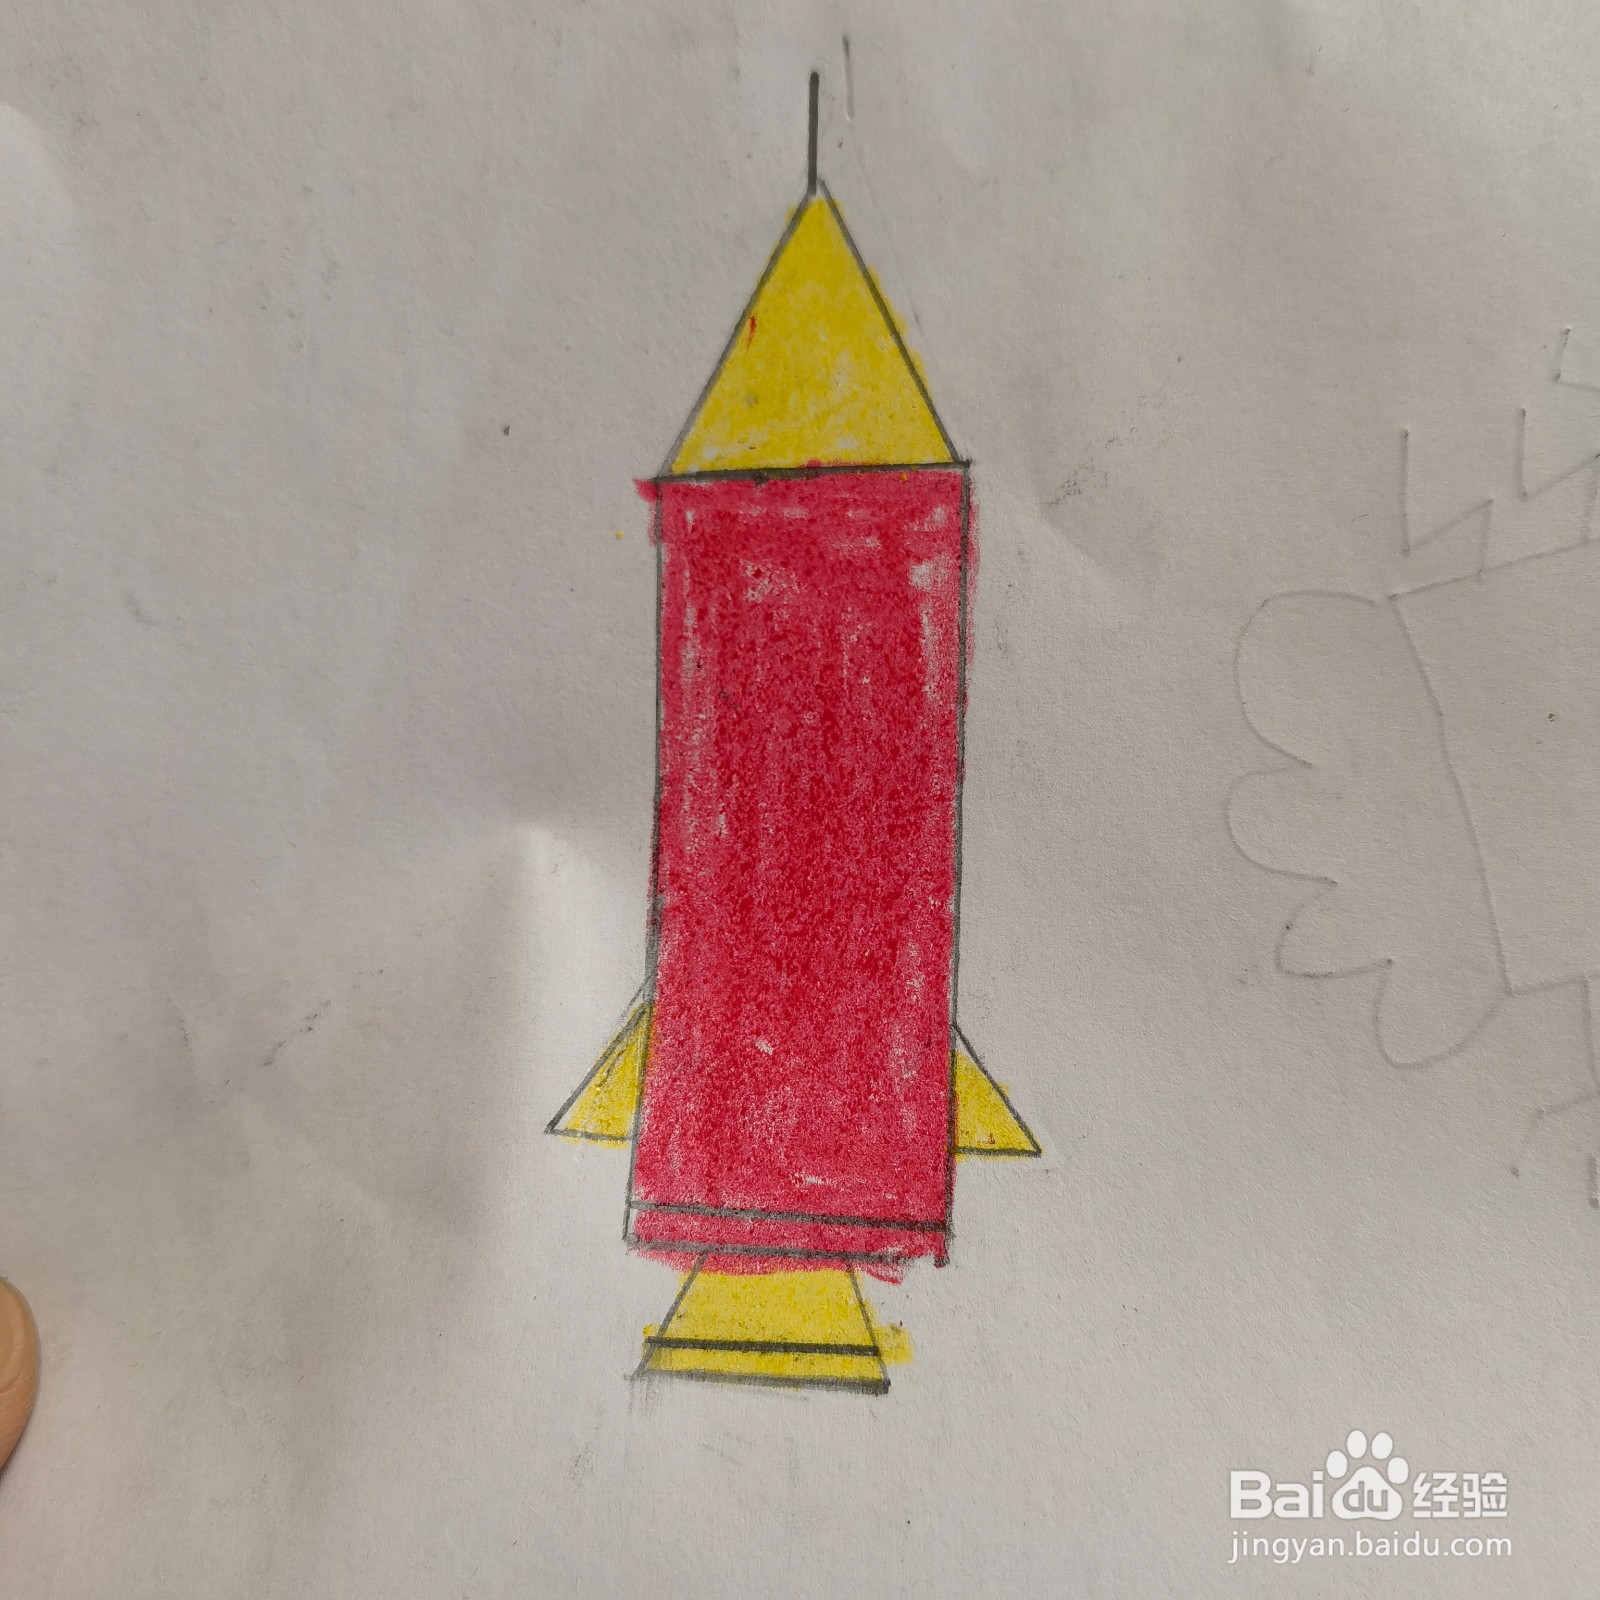 火箭趣味简笔画画法